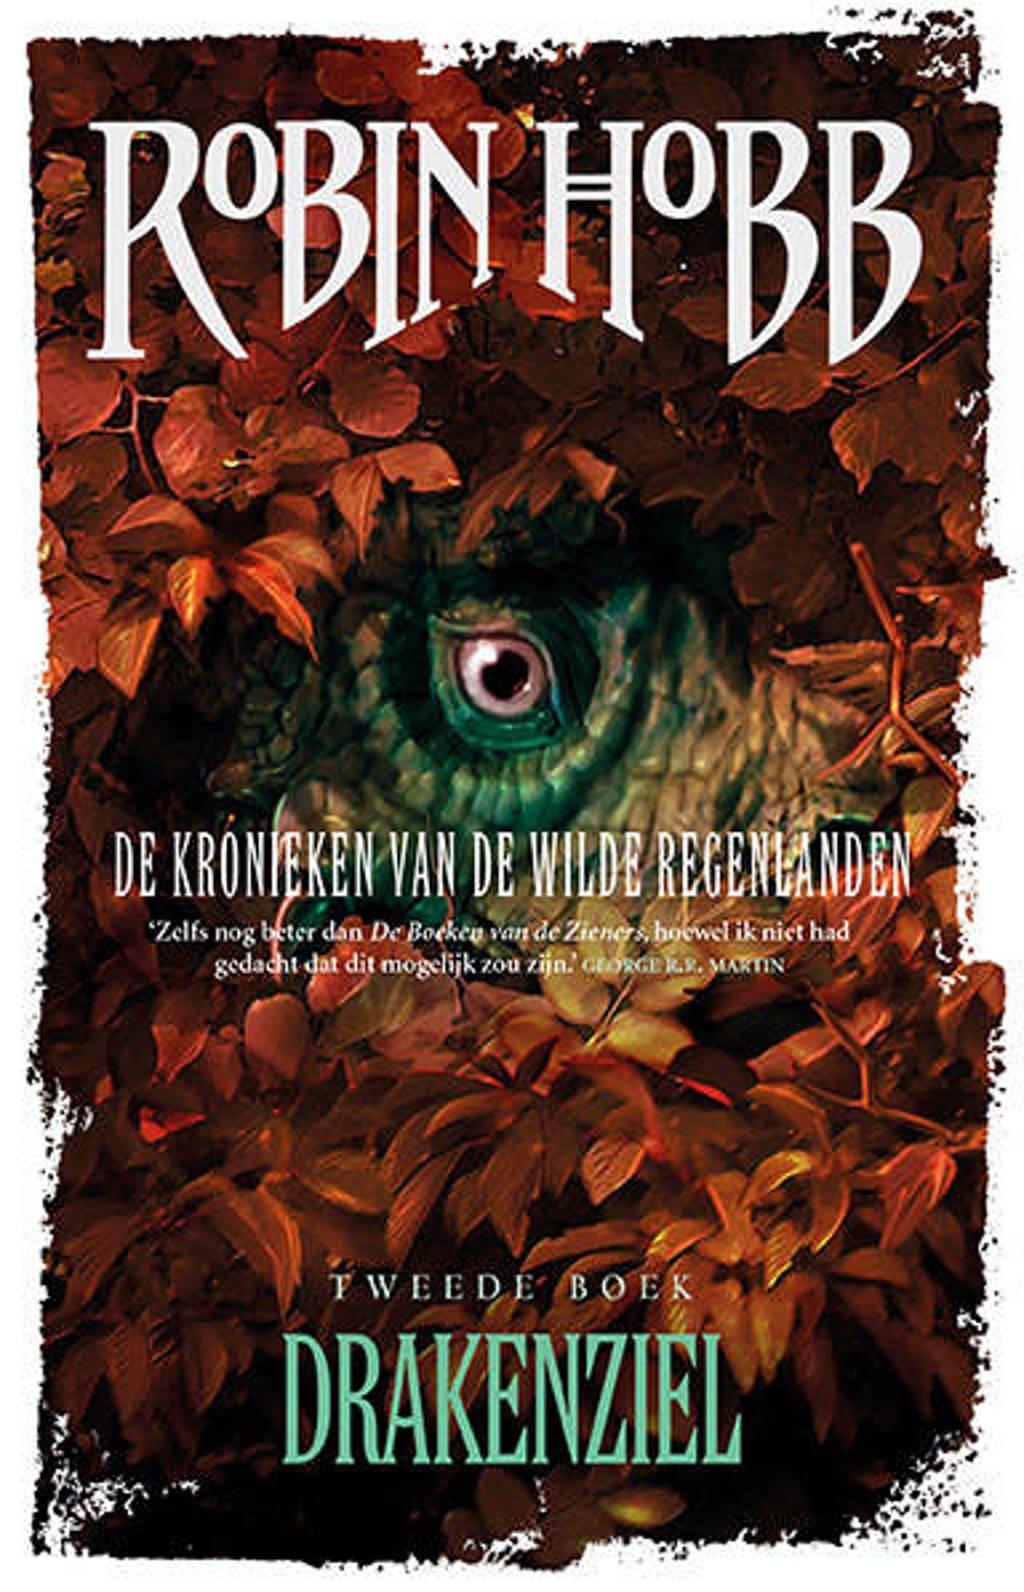 De Kronieken van de Wilde Regenlanden: De Kronieken van de Wilde Regenlanden 2 - Drakenziel - Robin Hobb